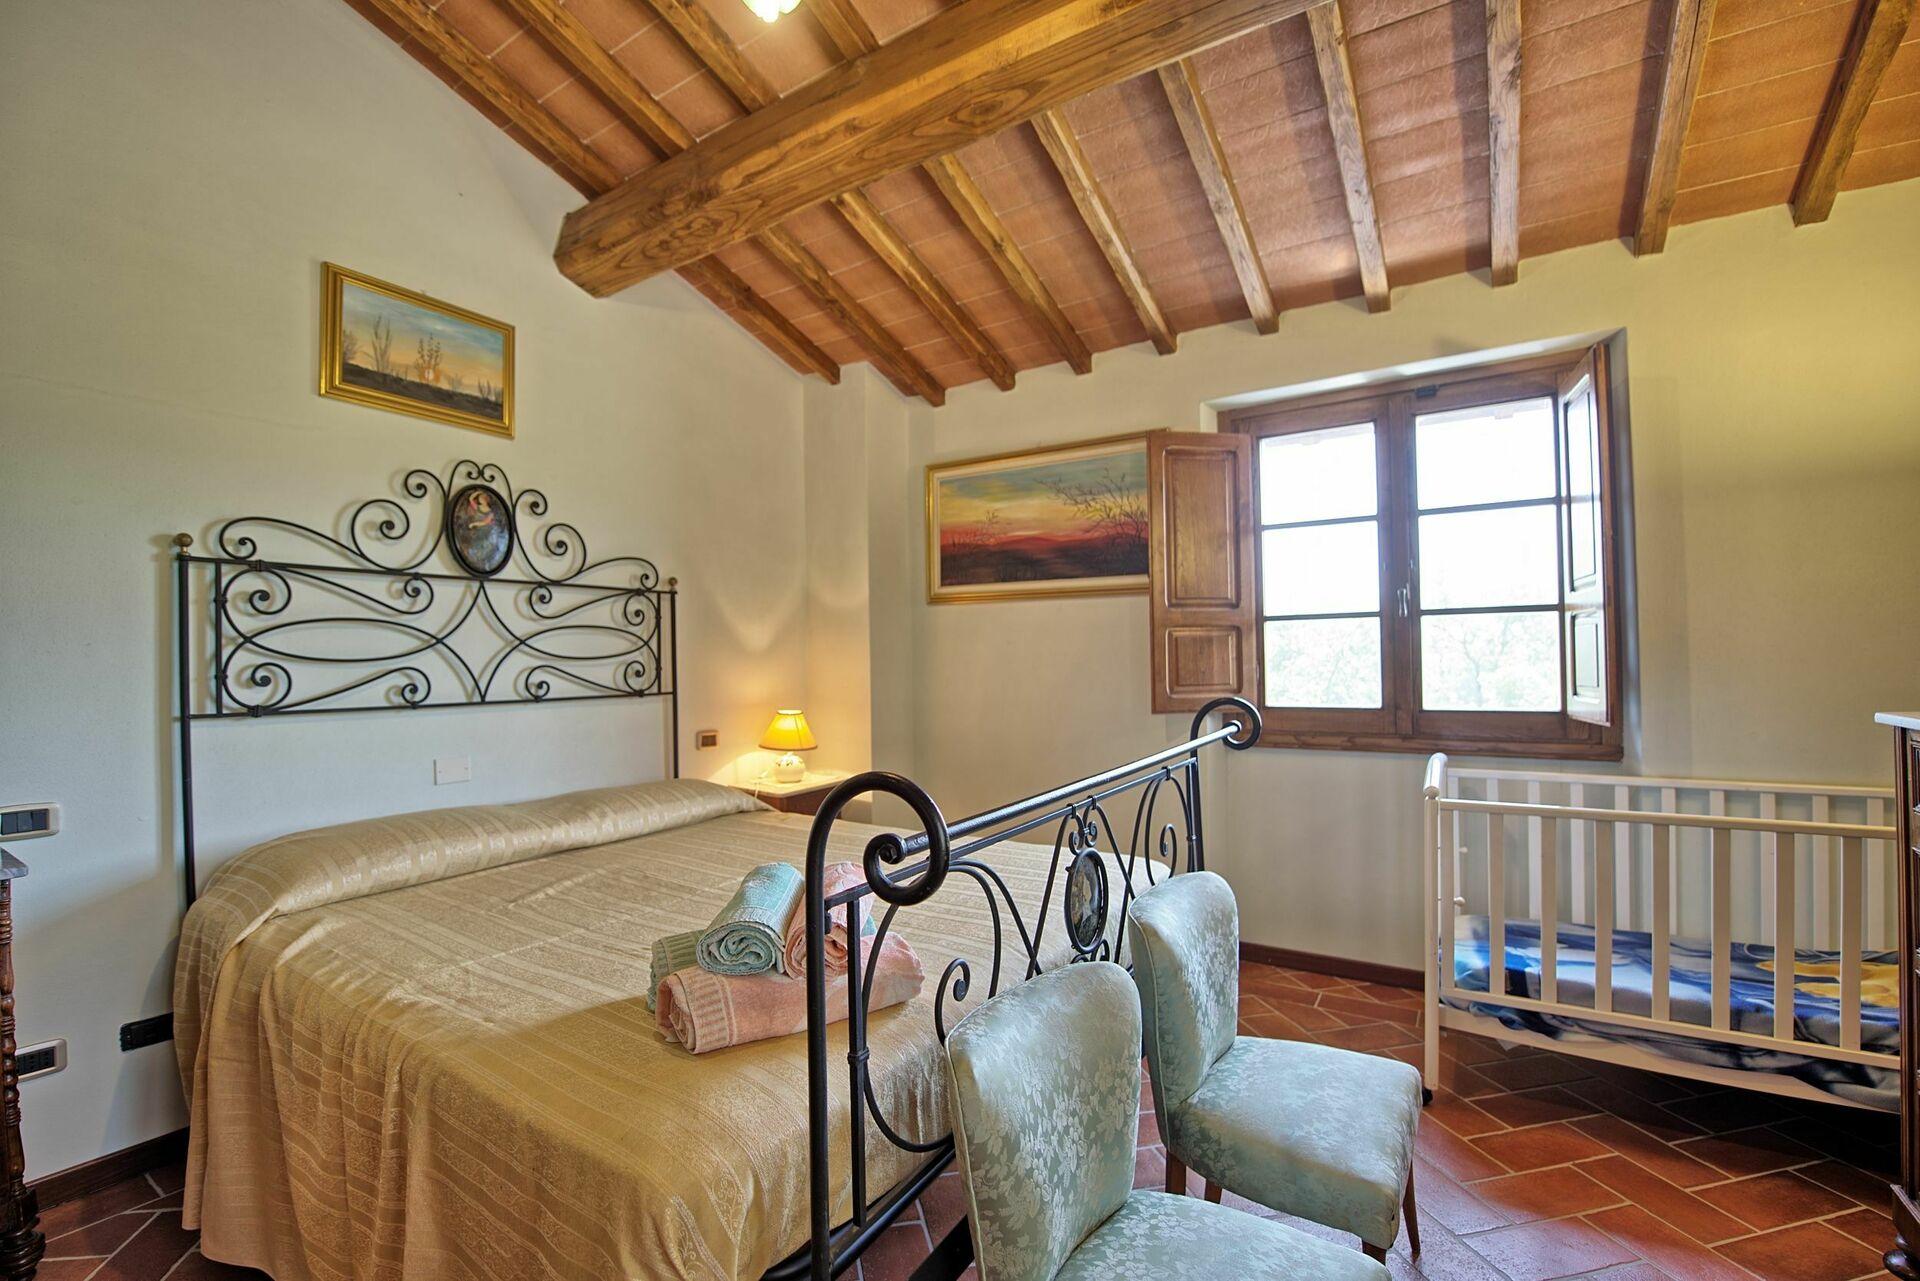 La Poggetta, Villa vacanza a Cavriglia, Toscana - 12 letti in 4 ...